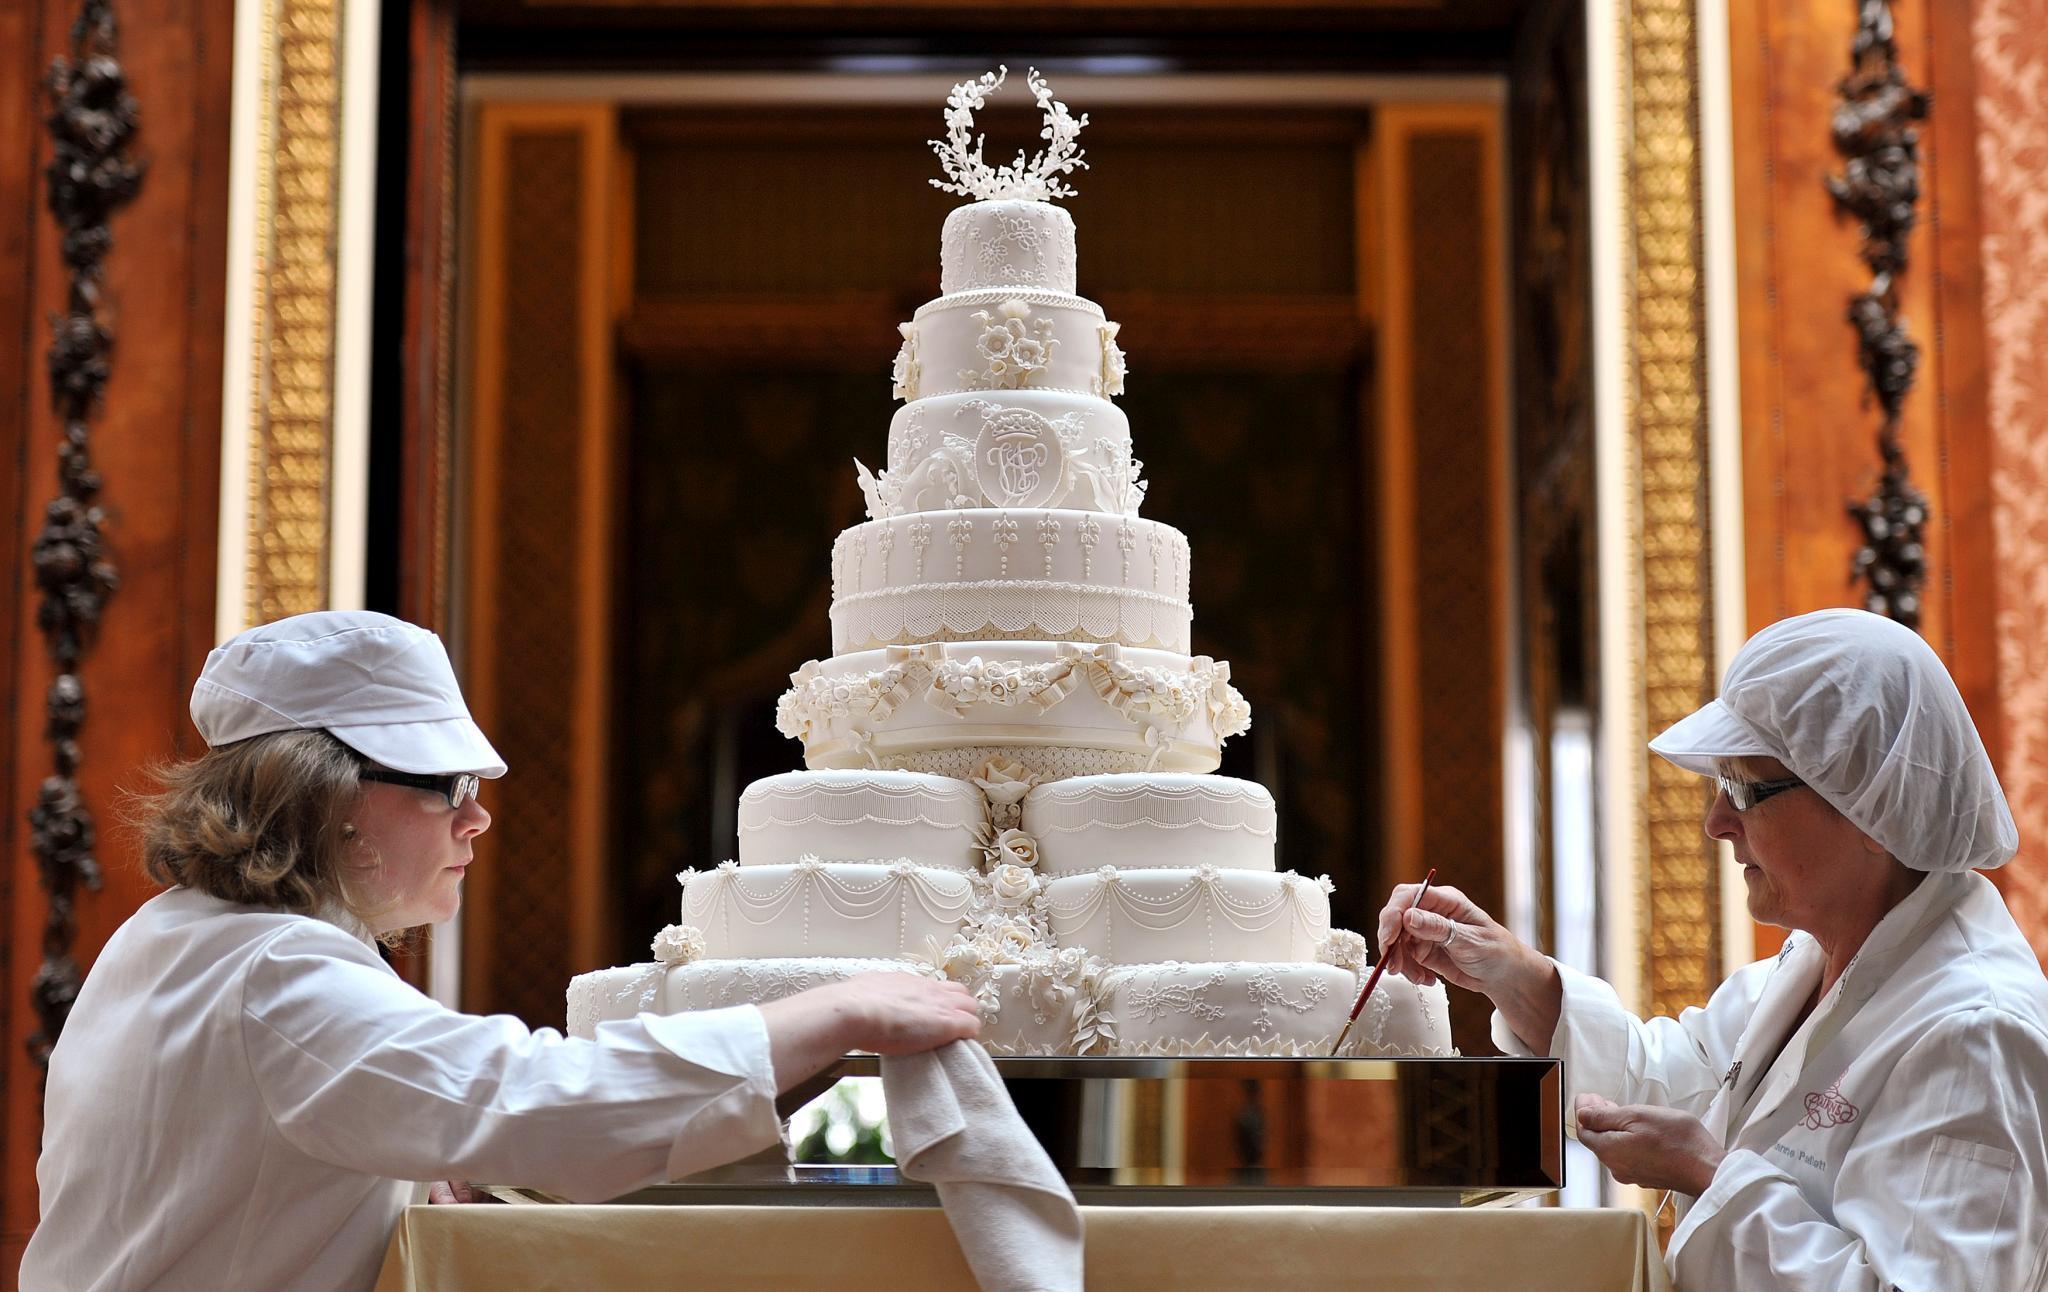 Charlottes Taufe Und Zum Tee Gibt S Alten Kuchen Gala De